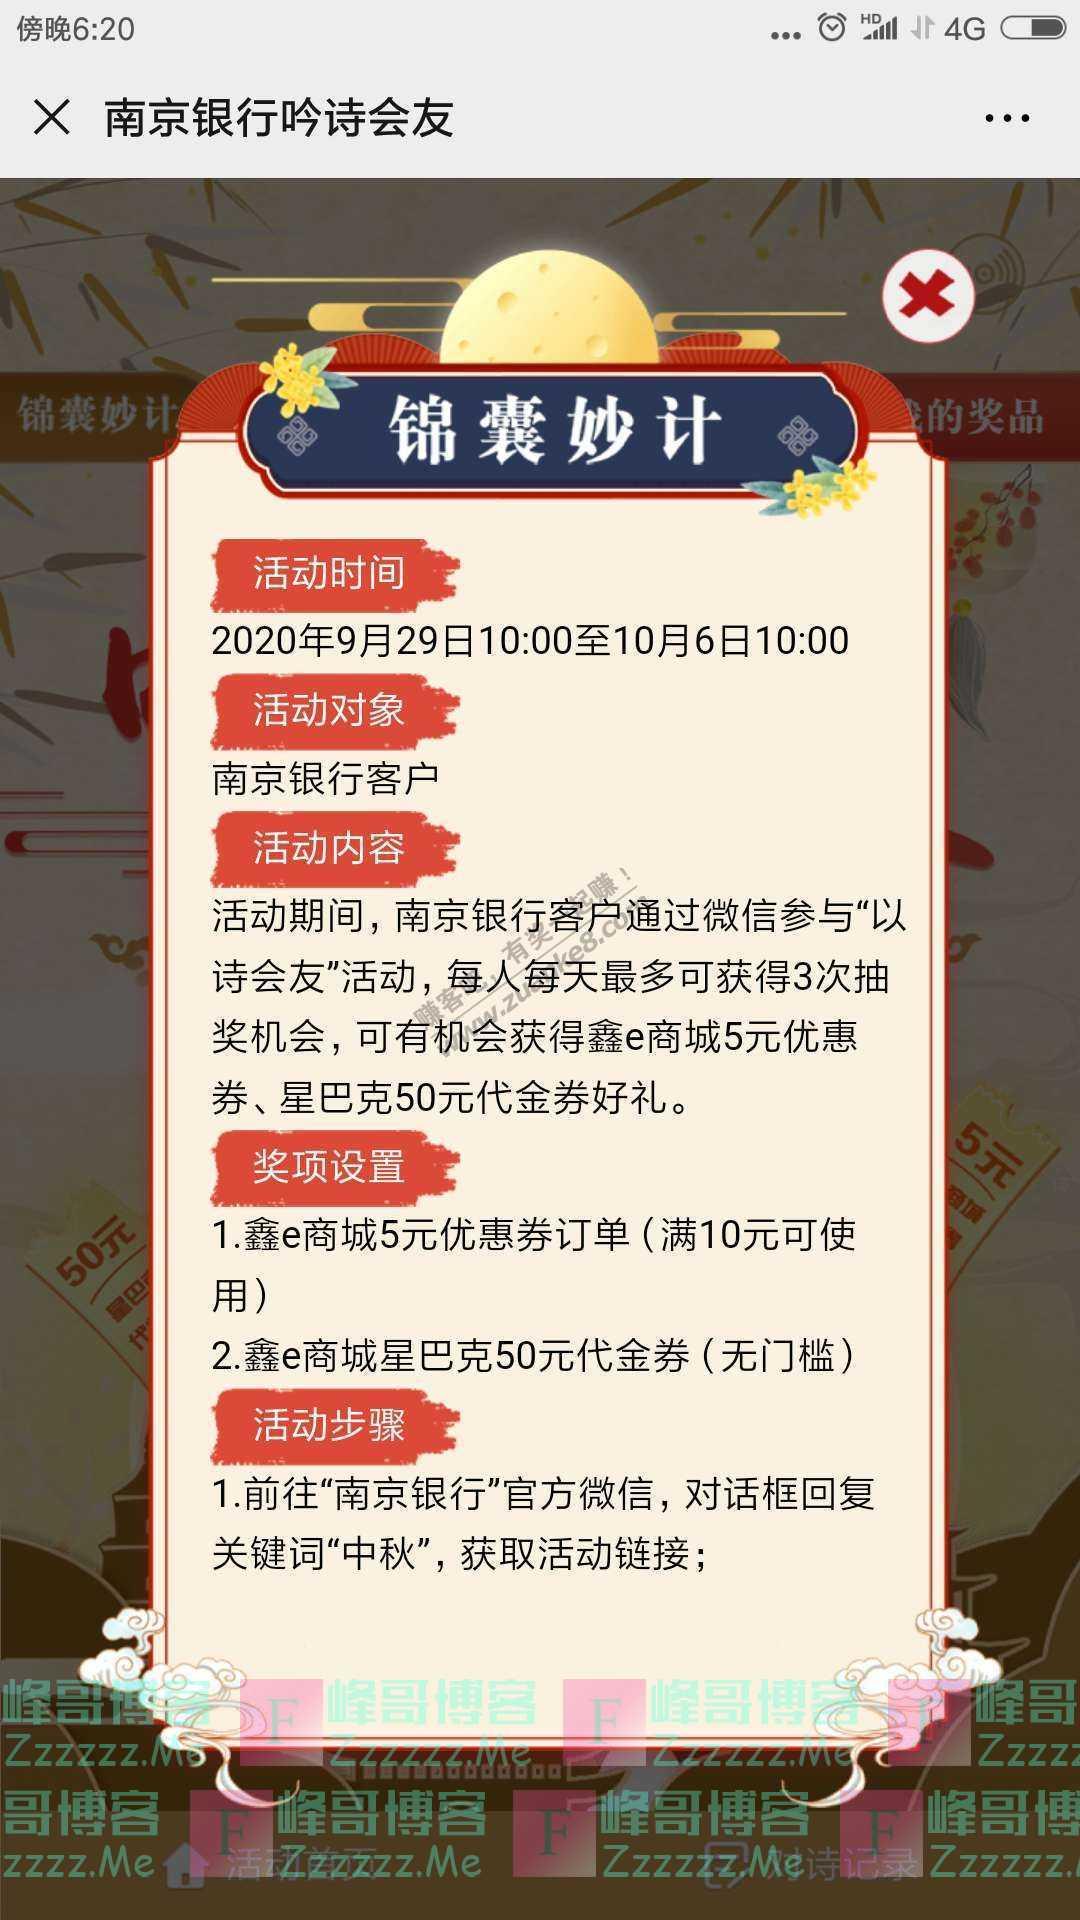 南京银行您有一份中秋福利待领取(10月6日截止)